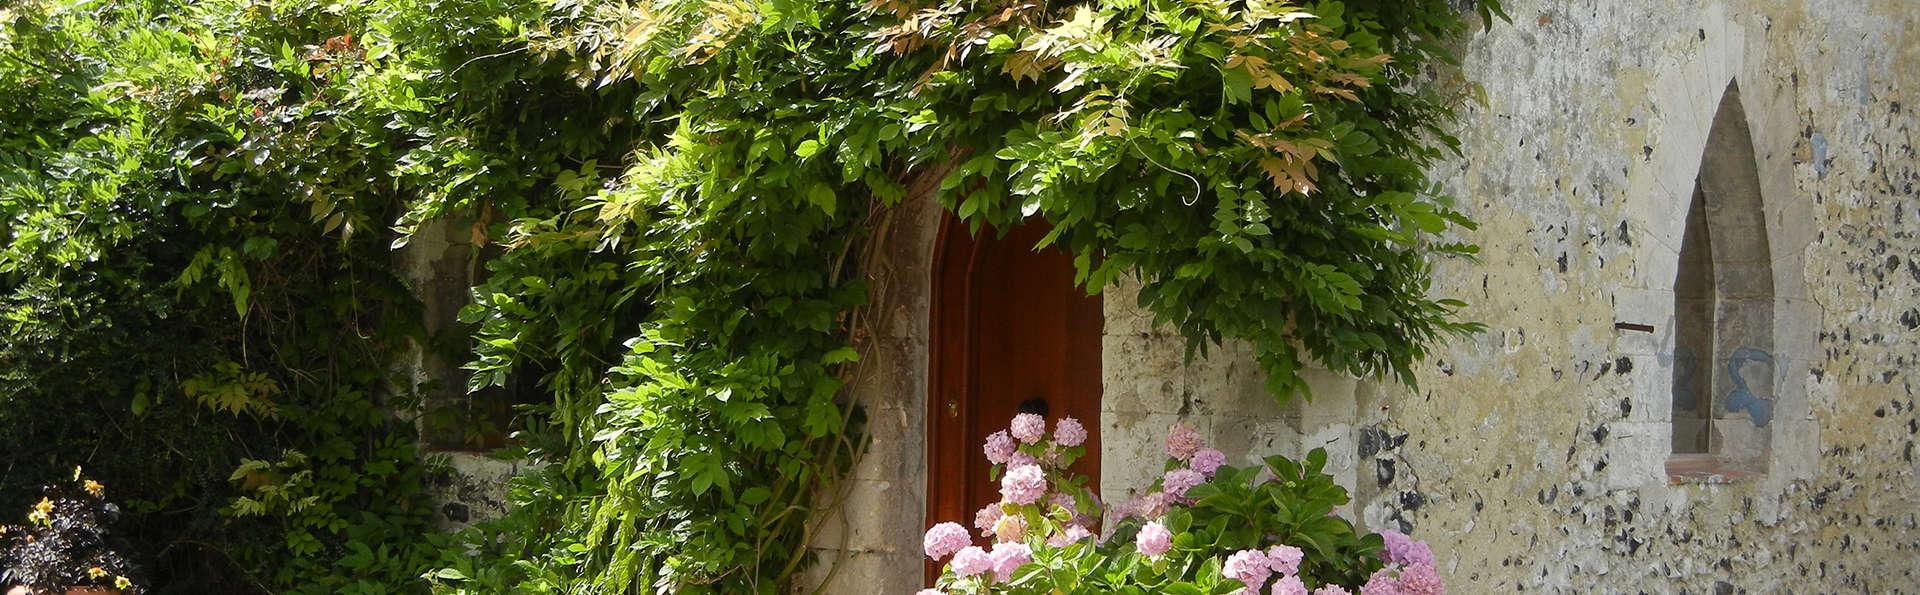 Château de Cocove - EDIT_front45.jpg